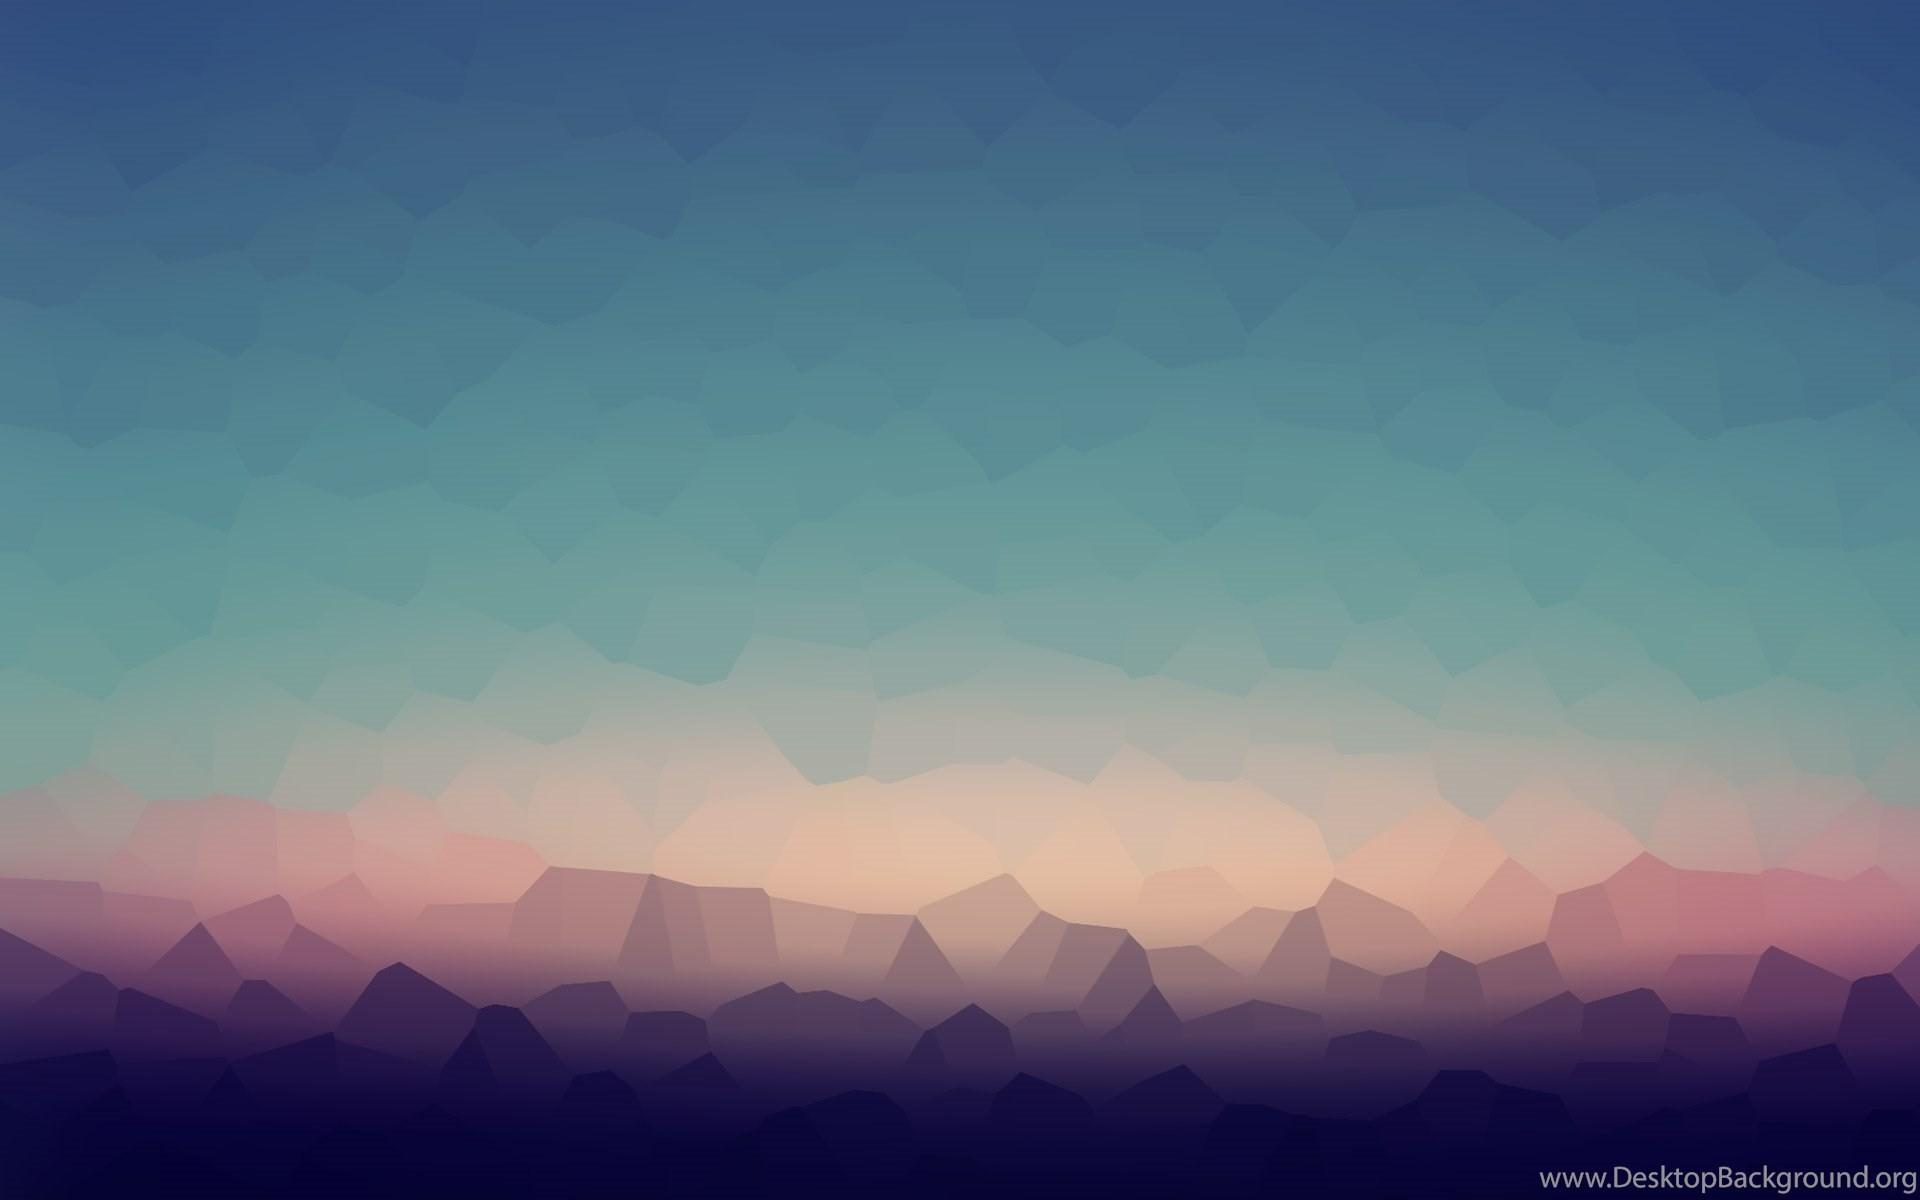 Macbook air wallpaper wallpapertag - Air wallpaper hd ...